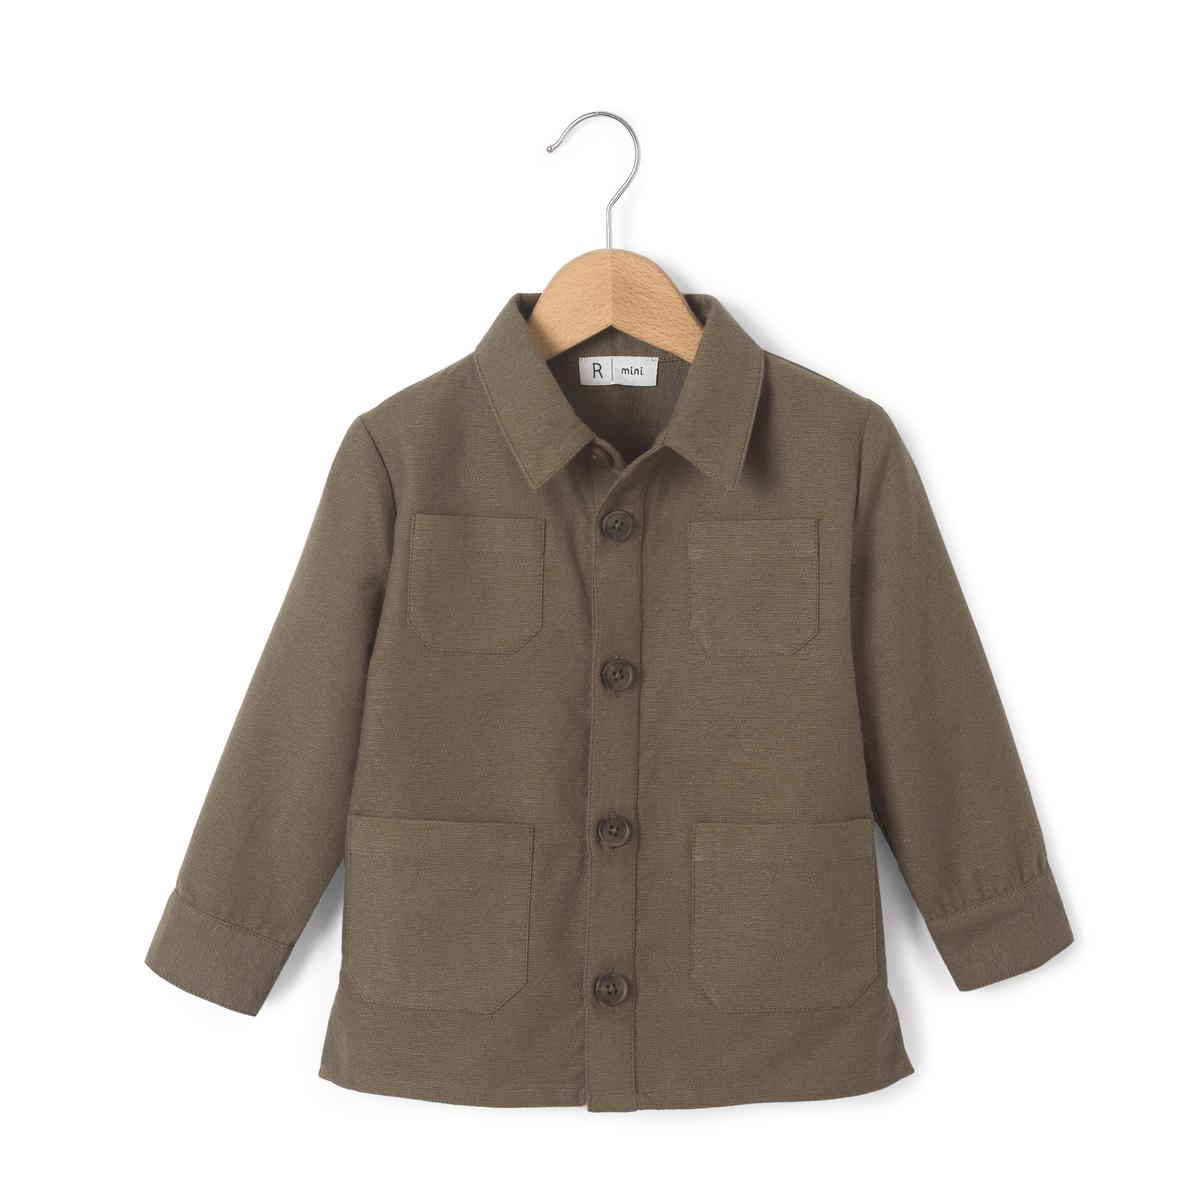 Рубашка 1 мес - 3 летРубашка в стиле жакета сафари. 4 накладных кармана спереди. Застежка на пуговицы. Рубашечный воротник. Отрезные детали сзади. Состав и описаниеМатериал:          100% хлопокМарка:          R miniУходМашинная стирка при 30 °С с вещами схожих цветовСтирать и гладить с изнаночной стороныМашинная сушка запрещенаГладить на низкой температуре<br><br>Цвет: хаки<br>Размер: 9 мес. - 71 см